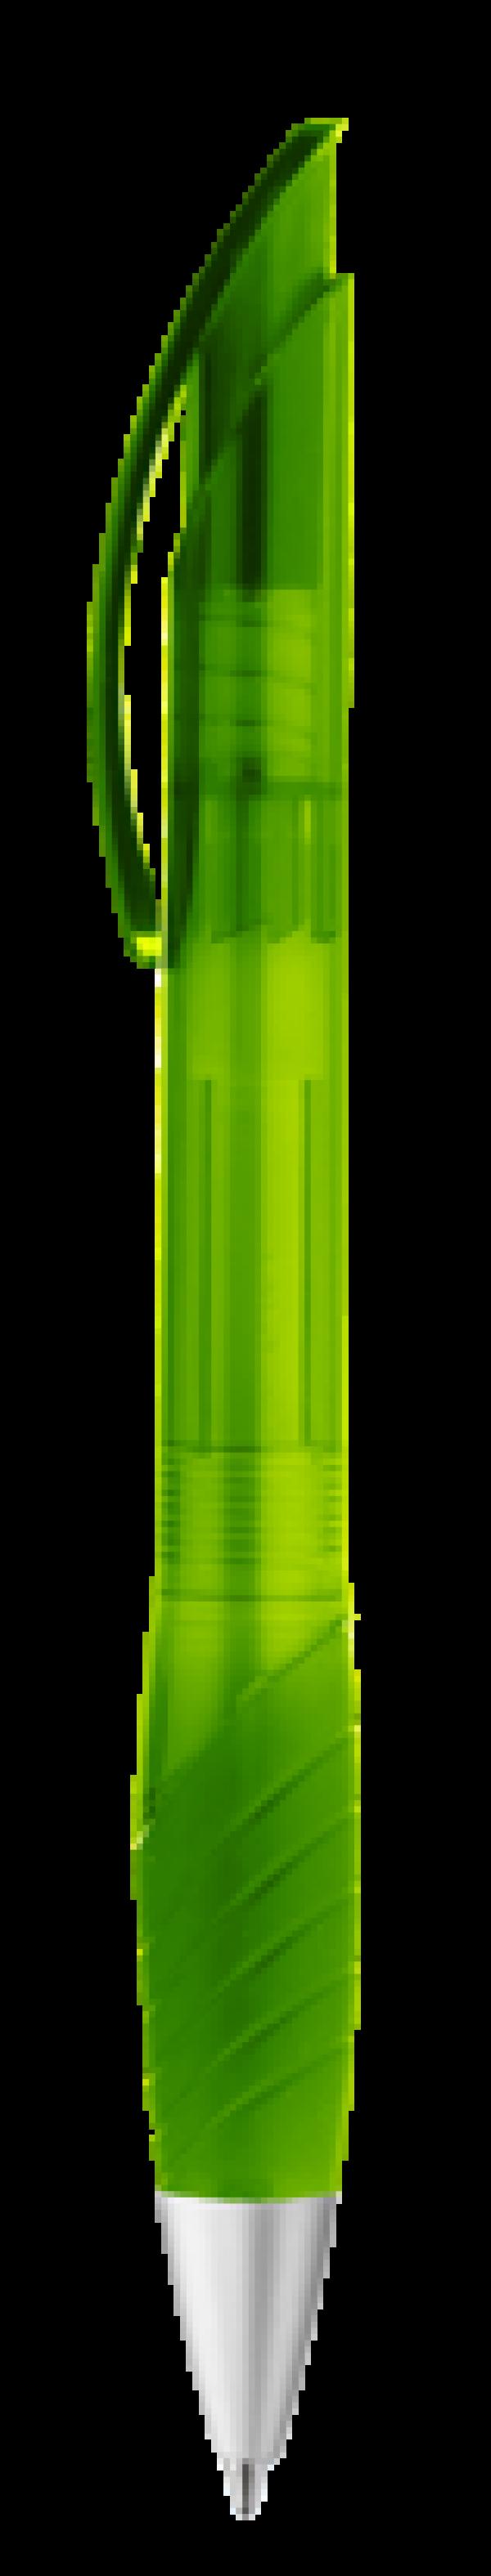 Шариковая ручка g 0-0090 T-SM X-DREAM transparent